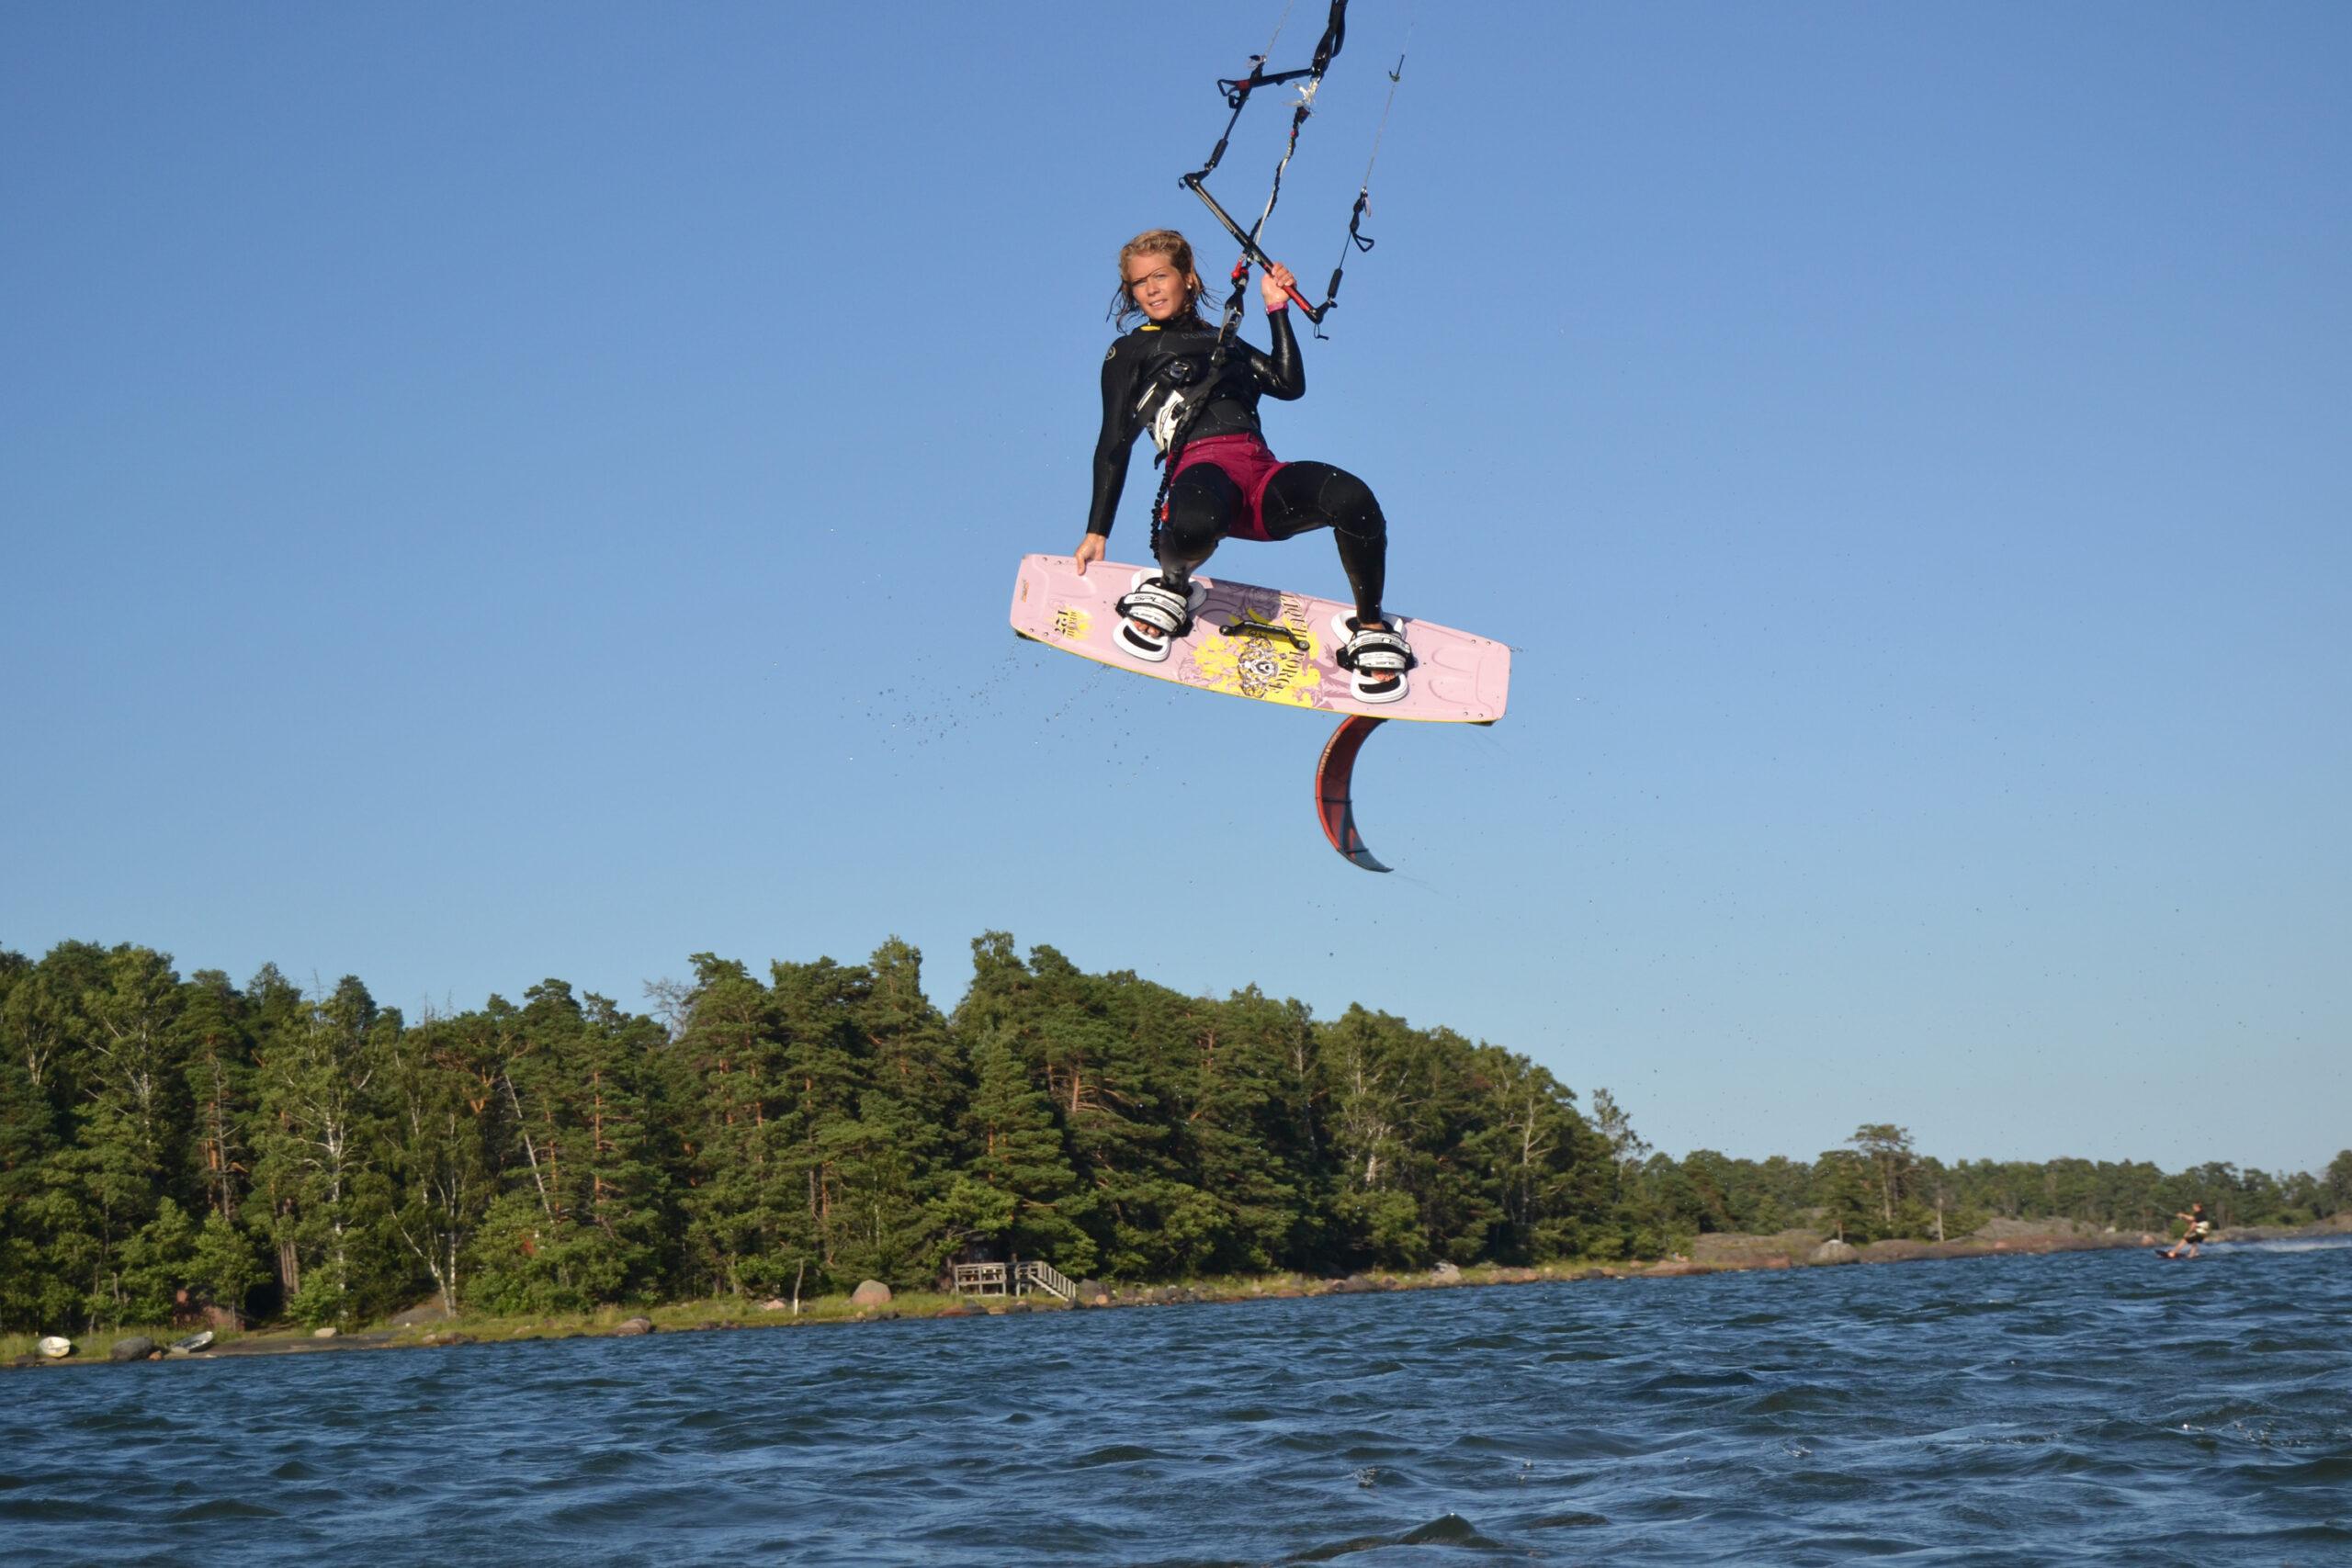 Träningsprogram för kitesurfare